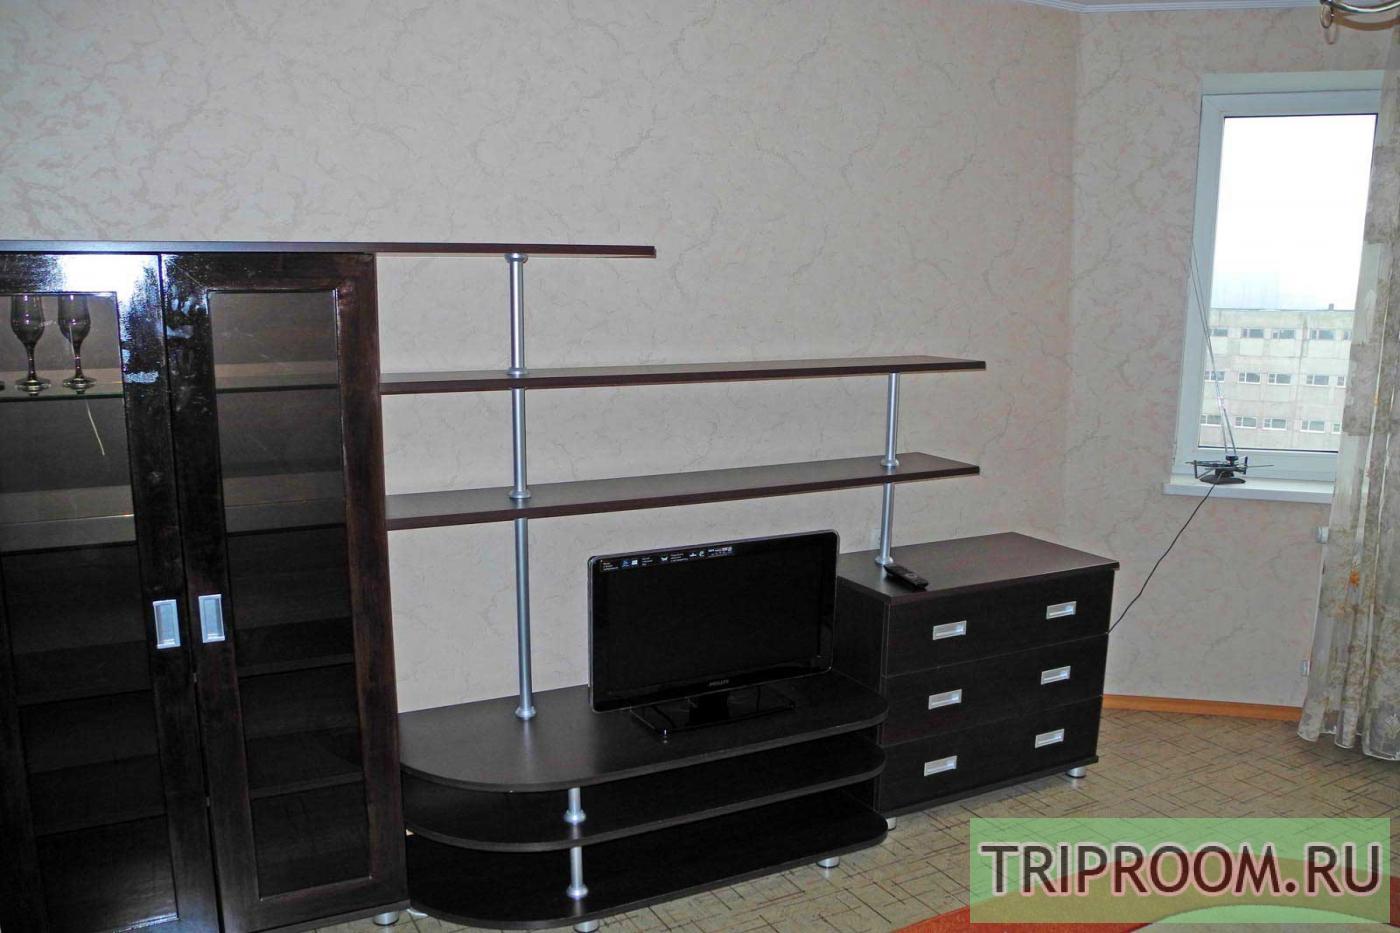 3-комнатная квартира посуточно (вариант № 9669), ул. Кольцовская улица, фото № 5